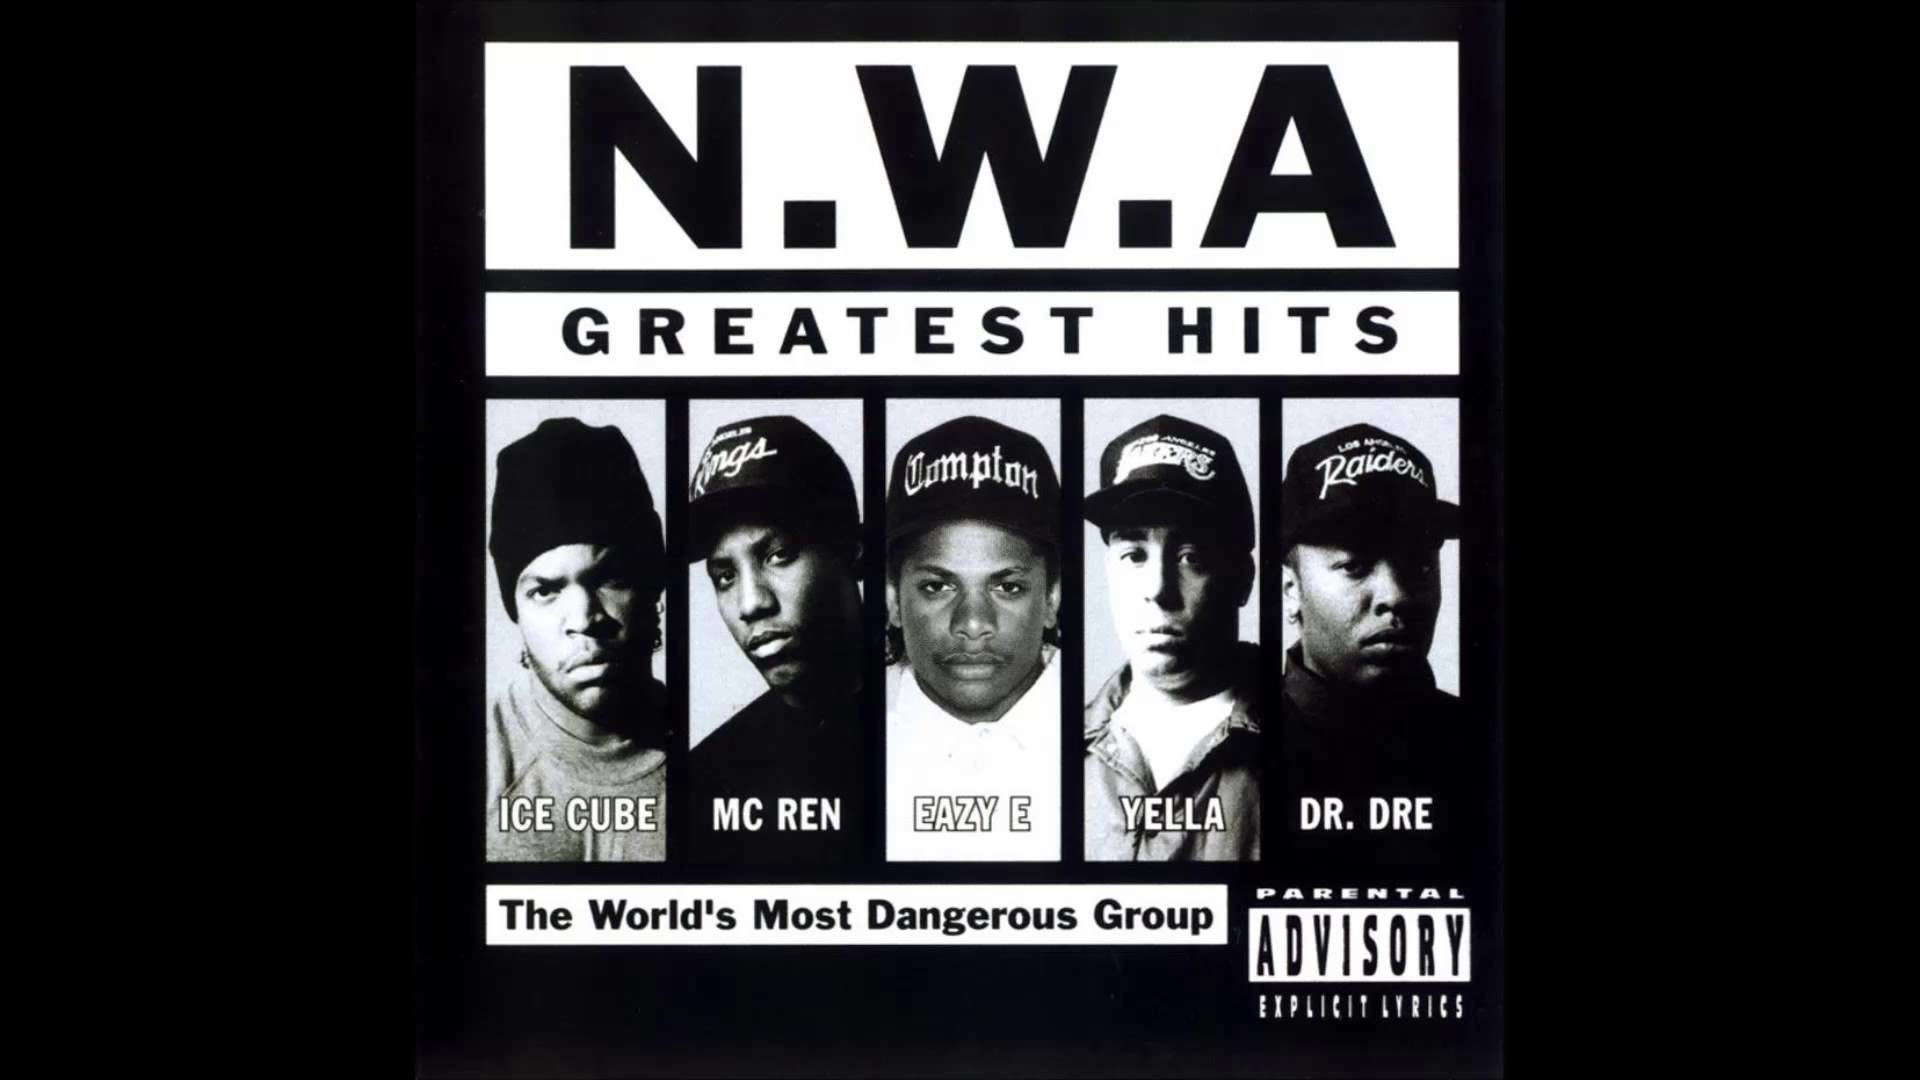 N.W.A – Greatest Hits full eazy-e ice cube dre